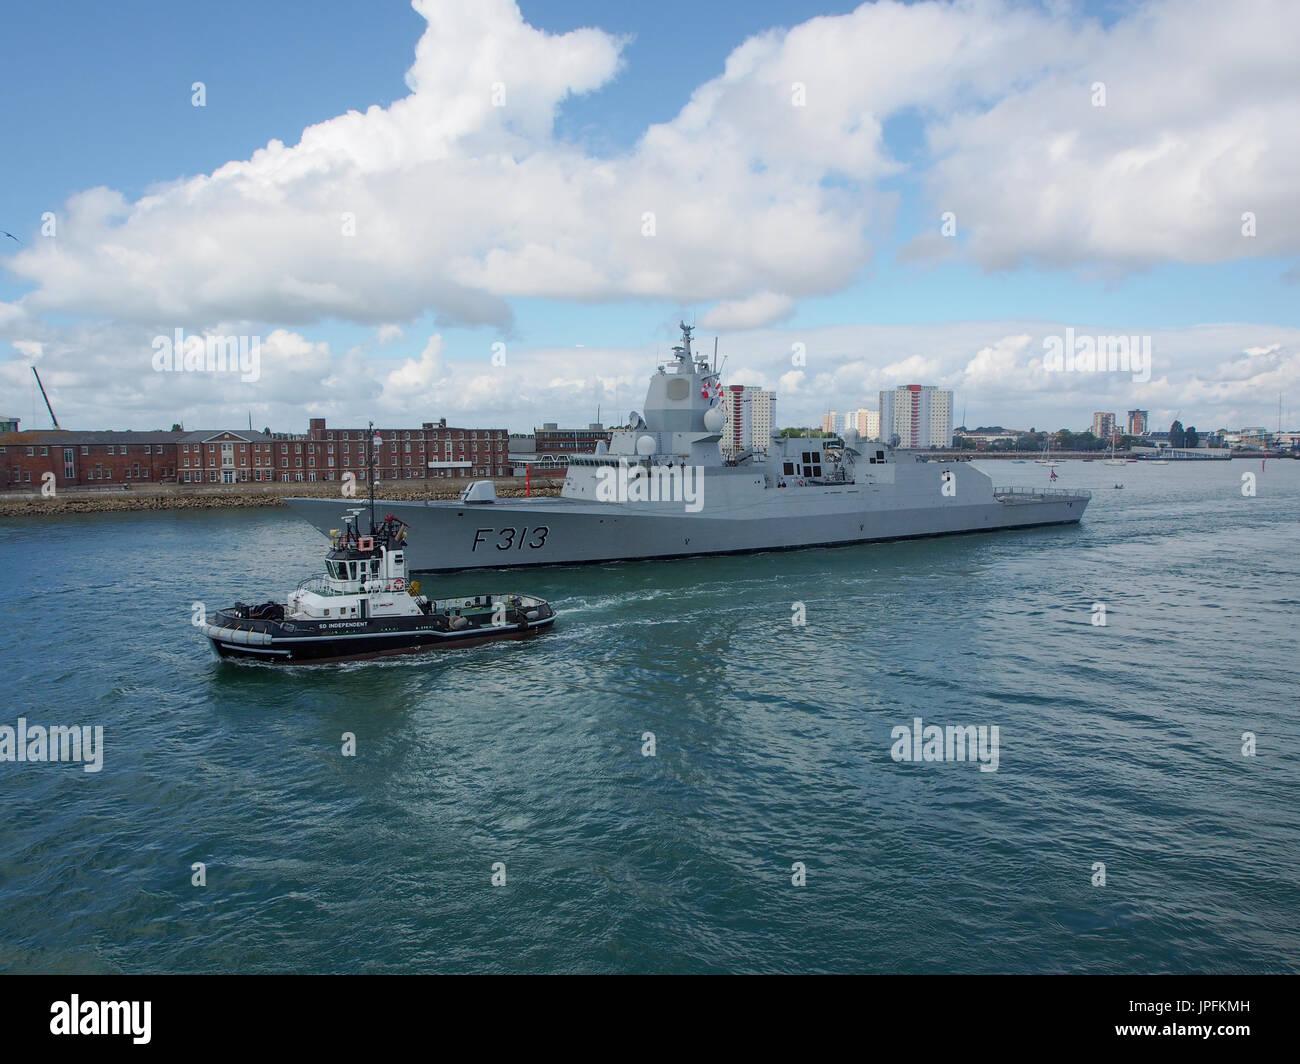 portsmouth-hampshire-uk-01st-aug-2017-the-norwegian-ship-hnoms-helge-JPFKMH.jpg